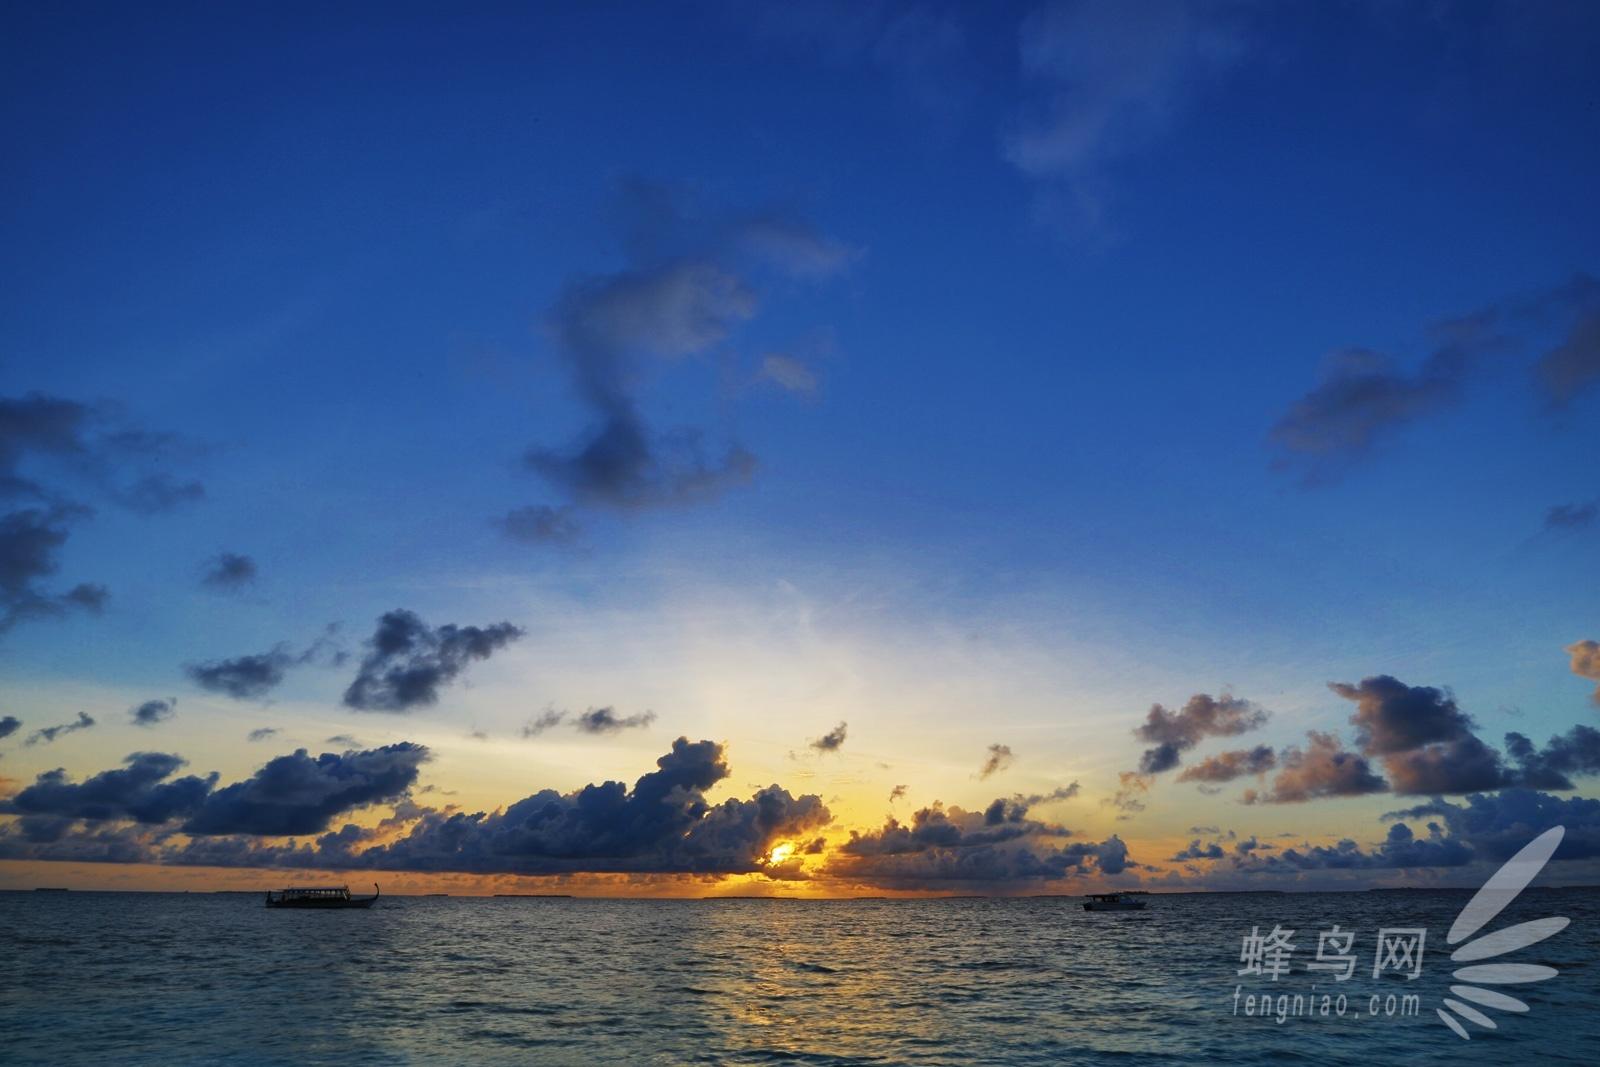 漂流在天堂 马尔代夫柏悦哈达哈岛游记